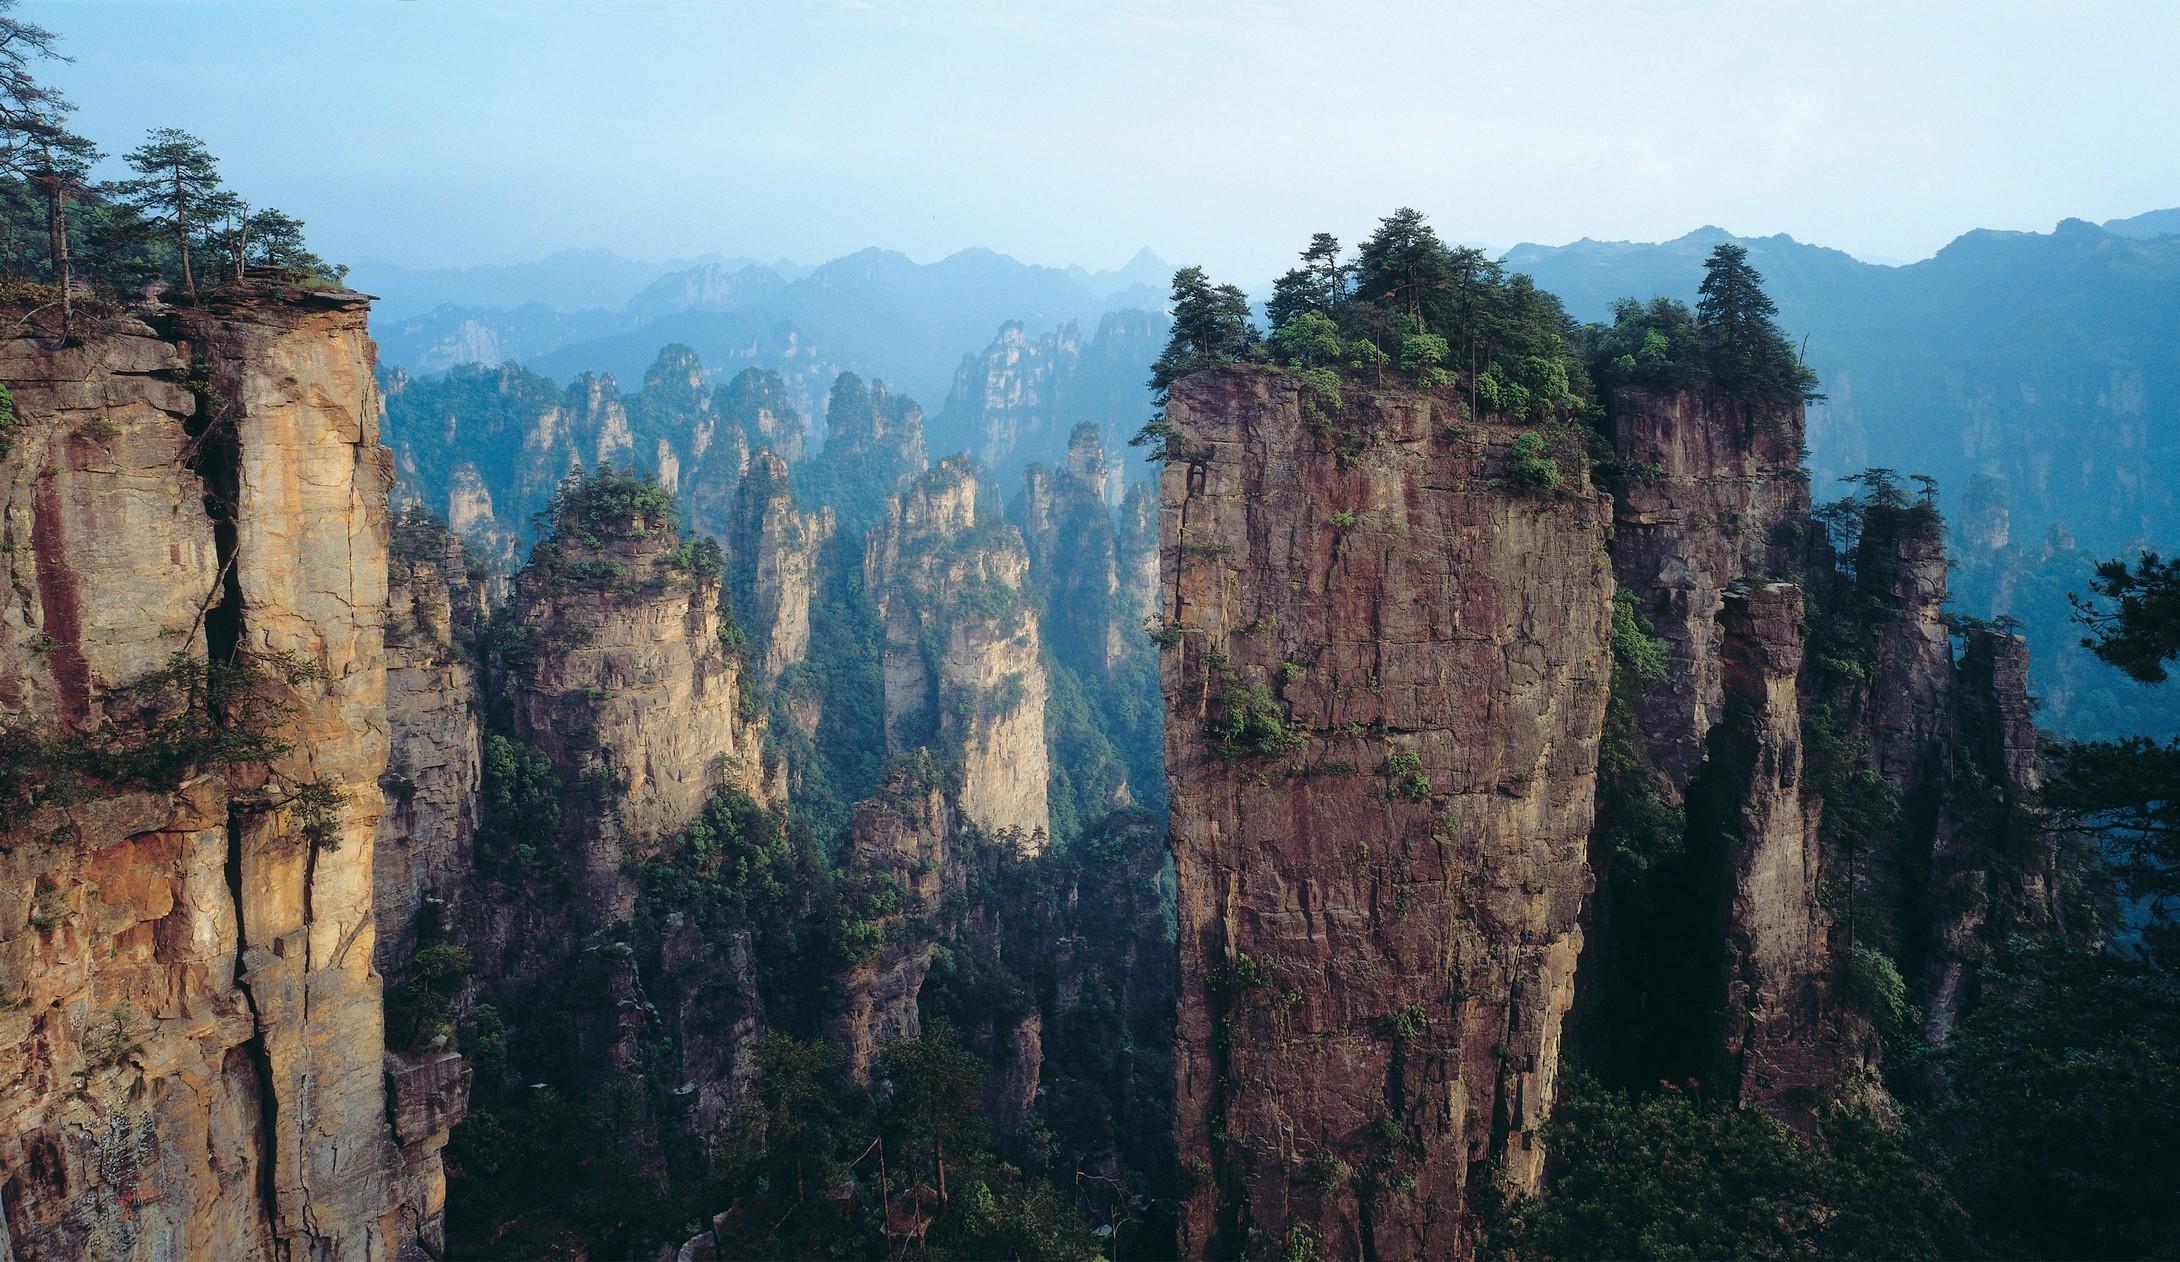 张家界国家森林公园,天门山玻璃栈道,玻璃桥,凤凰古城